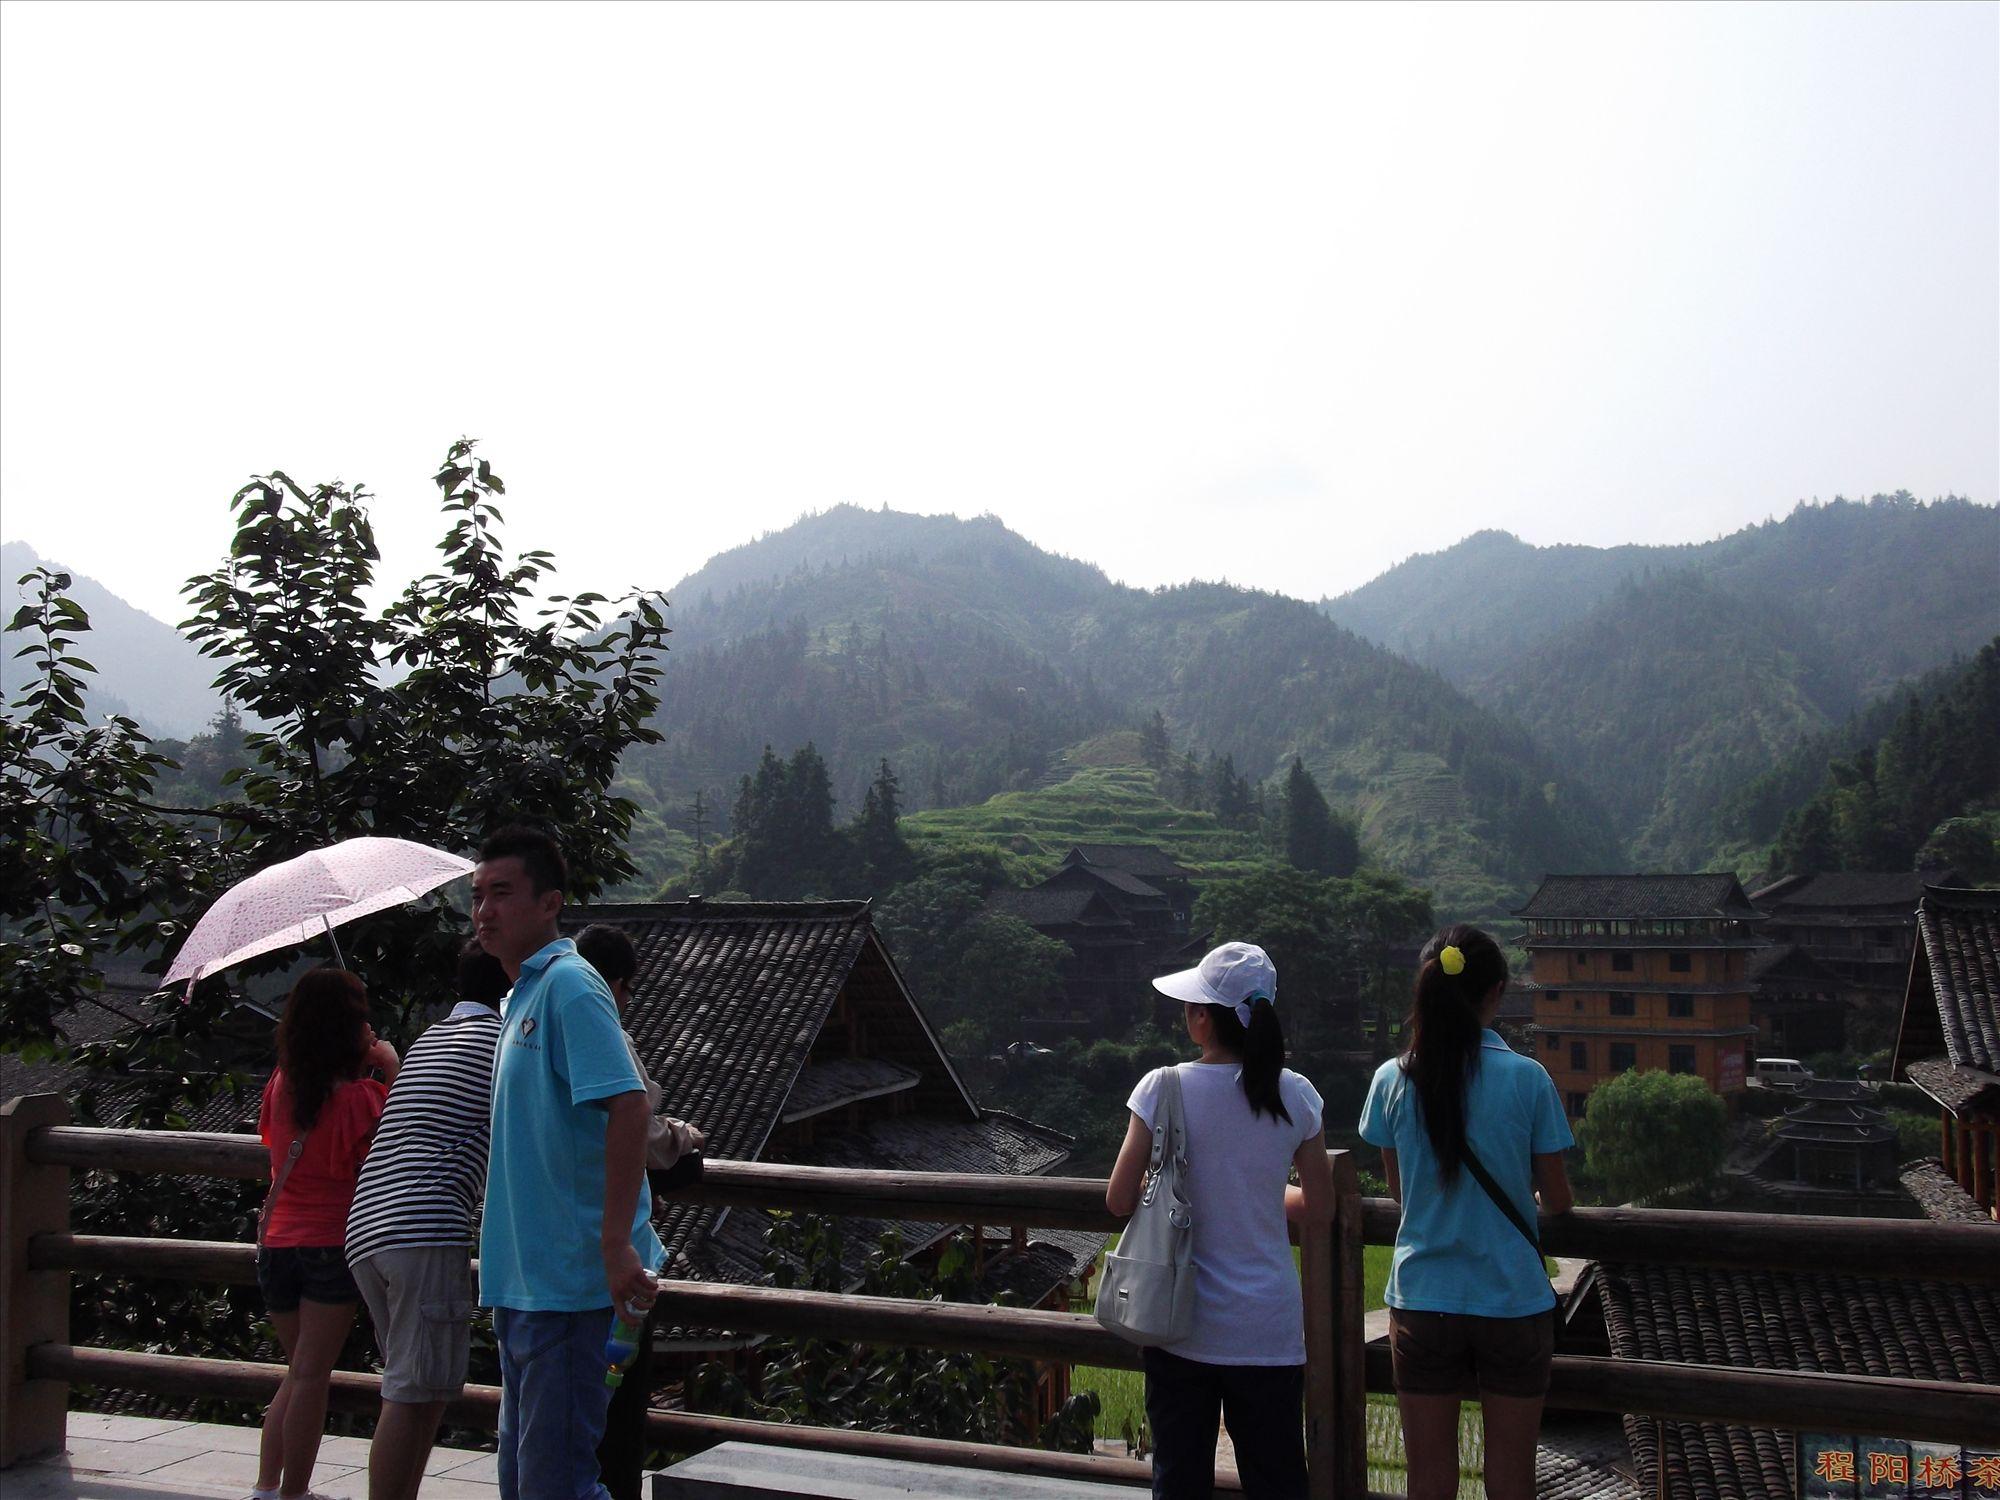 广西三江侗族自治县西部计划志愿者生活点点滴滴   菊子园 博客与图片